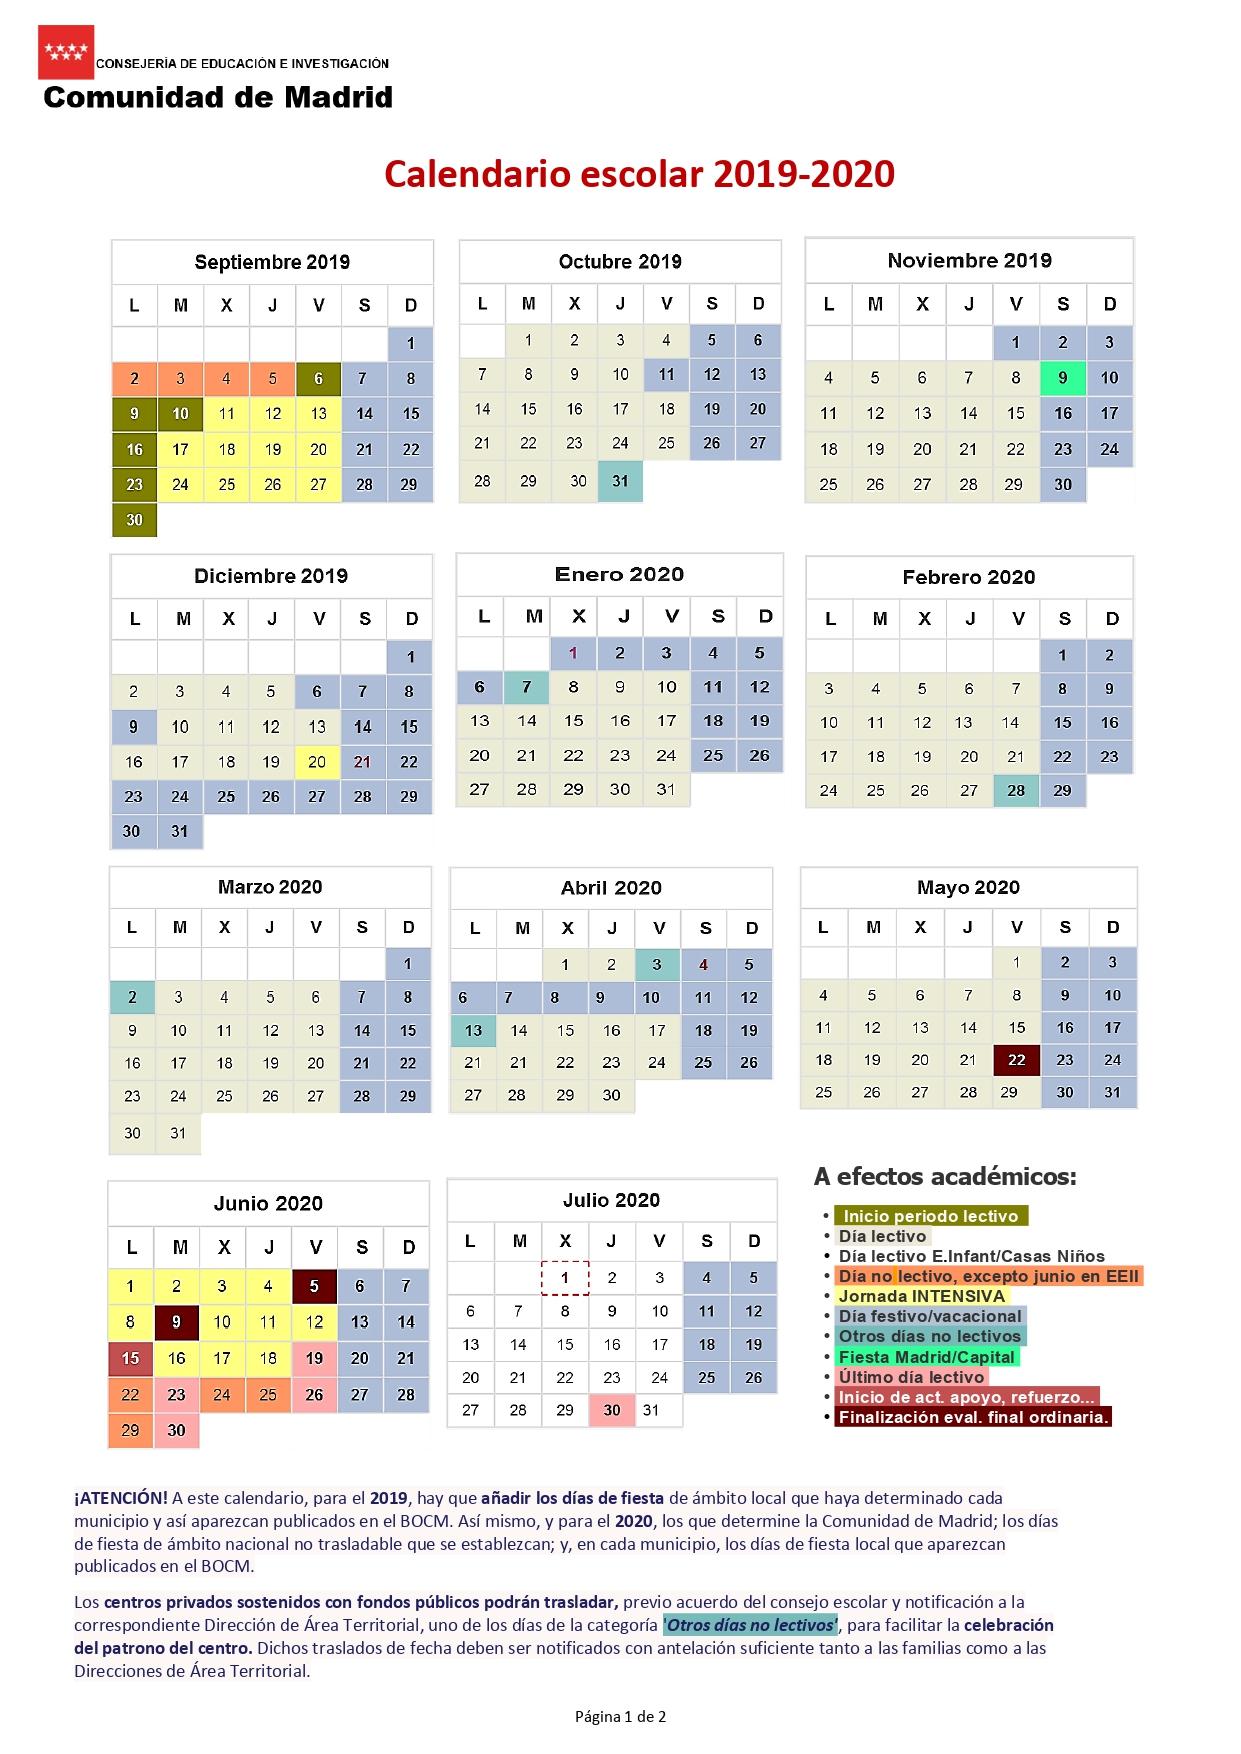 Calendario Escolar Para El Curso 2019-2020 | Ampa Del Ceip inside Calendario Escolar WordPress